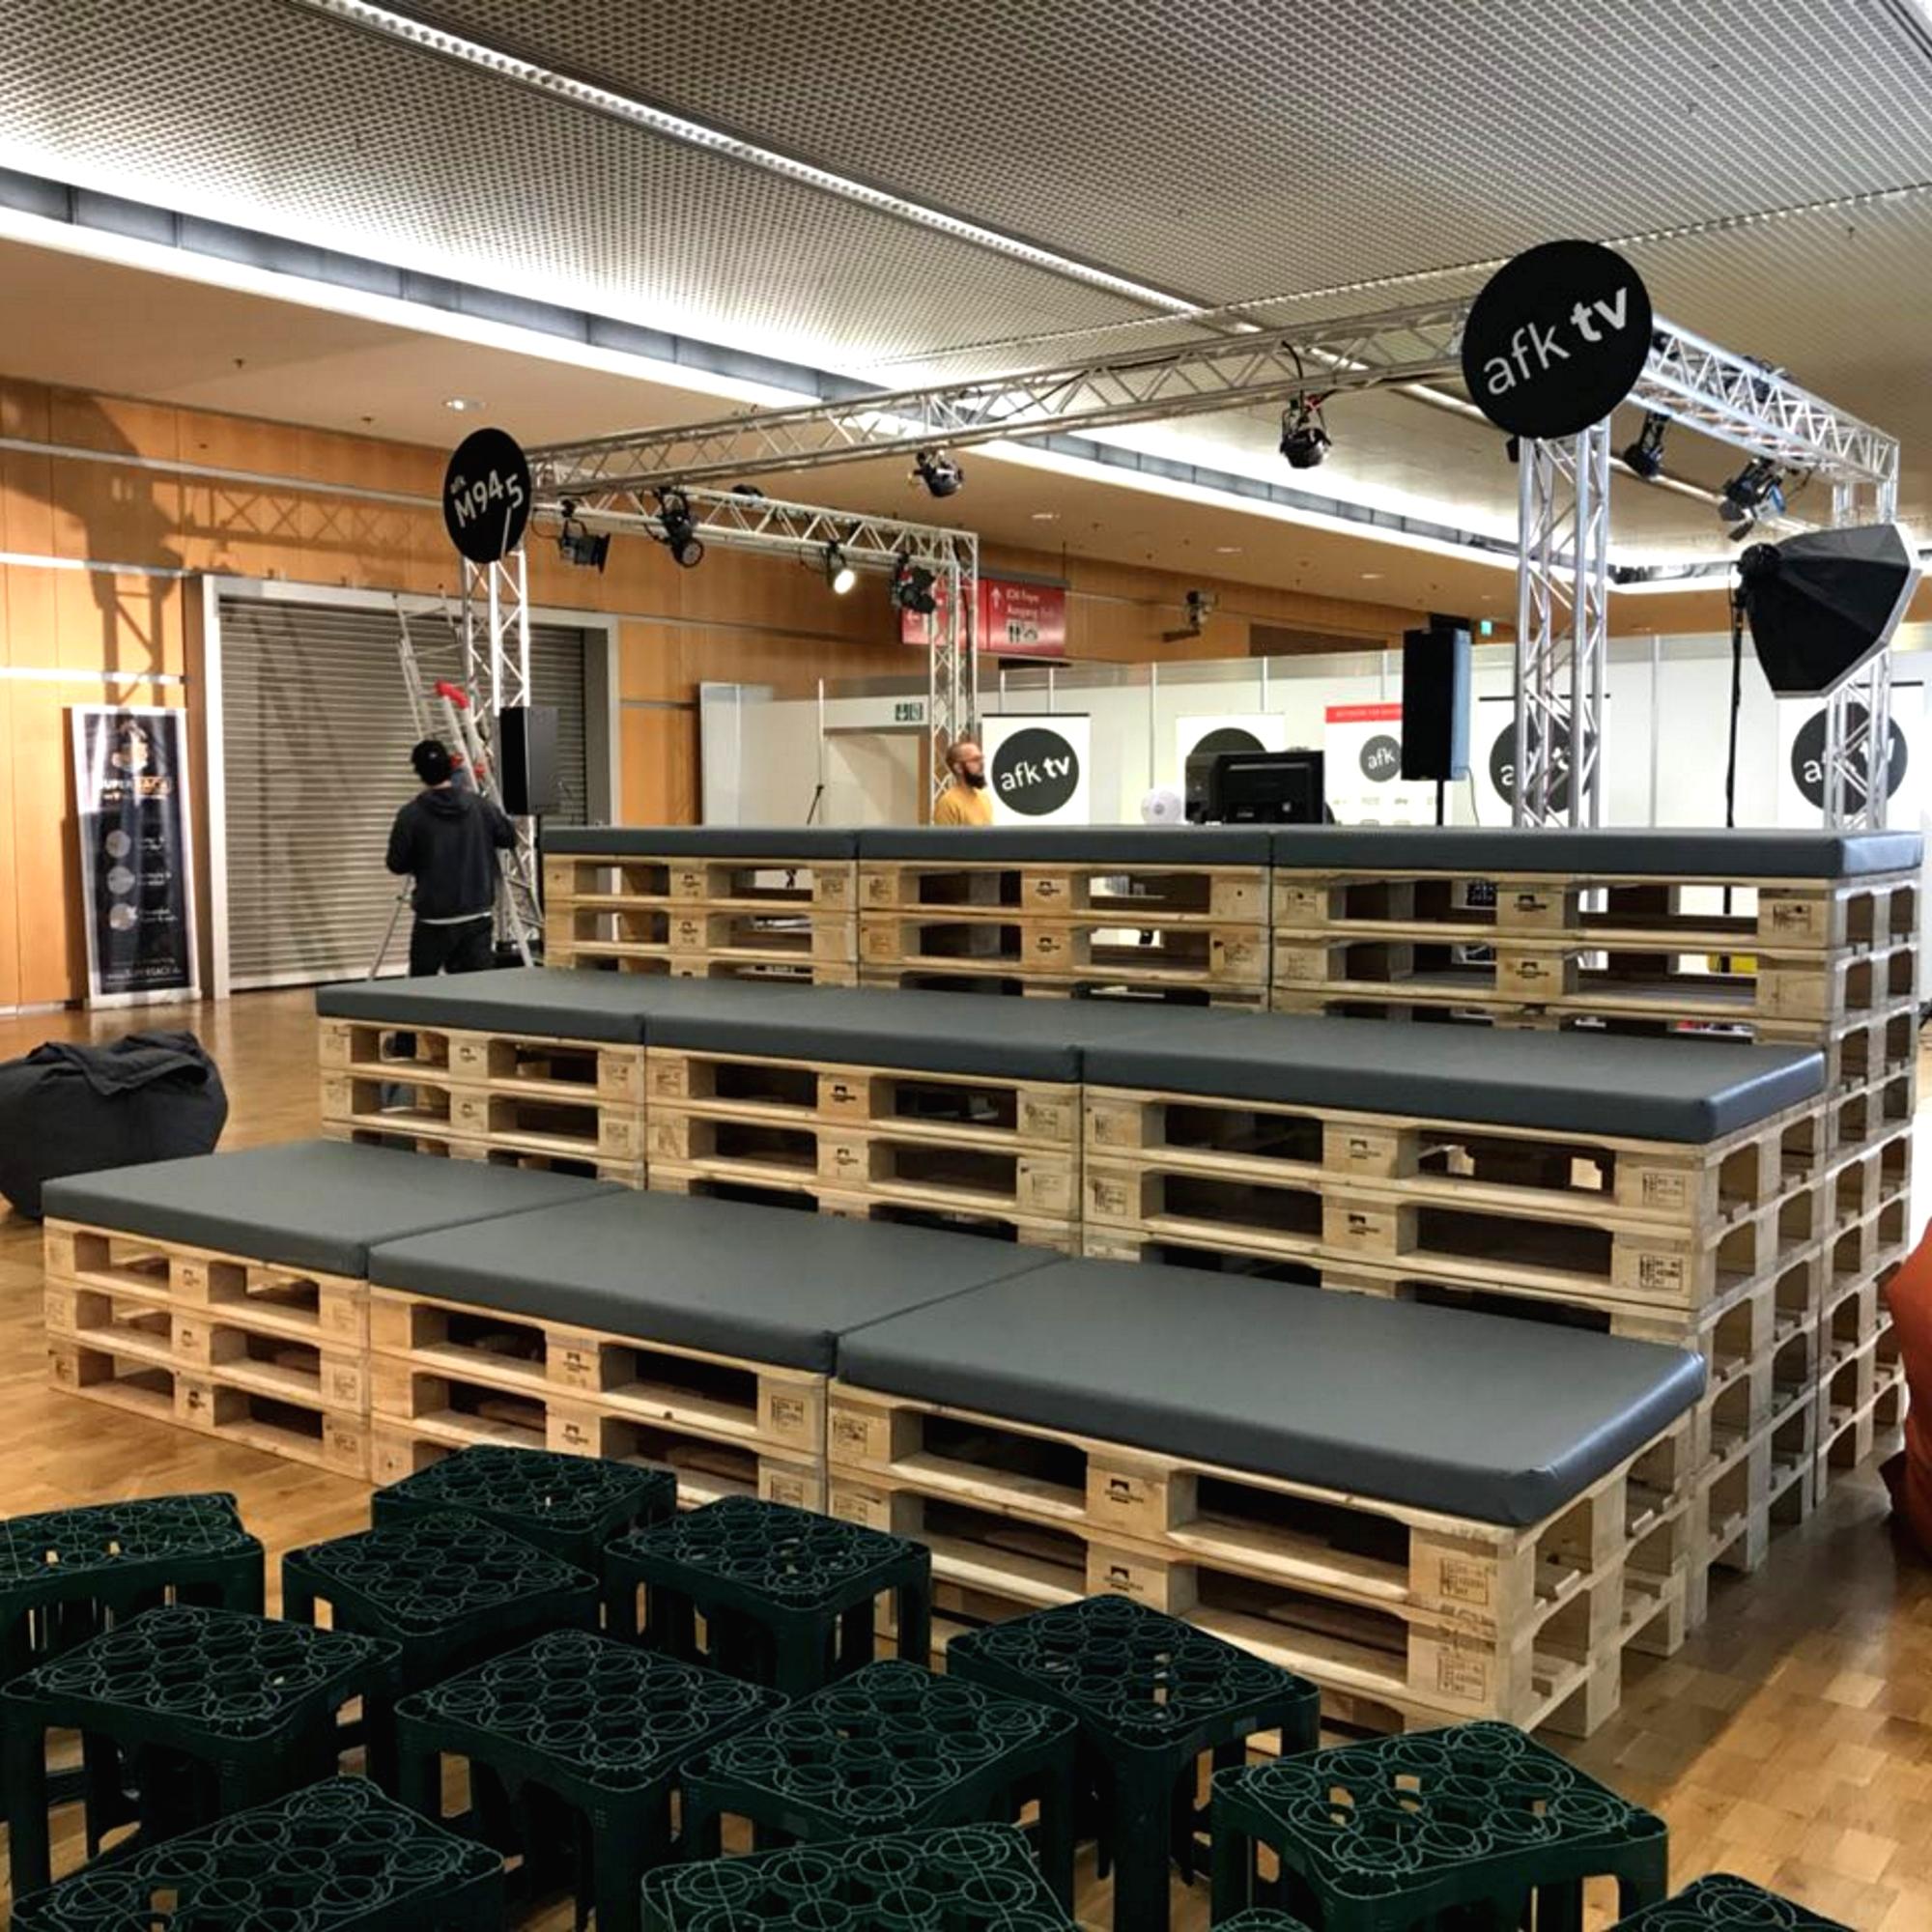 Palettenmöbel Sonderbau - 4 - Palettenmöbel mieten bei SuperSack